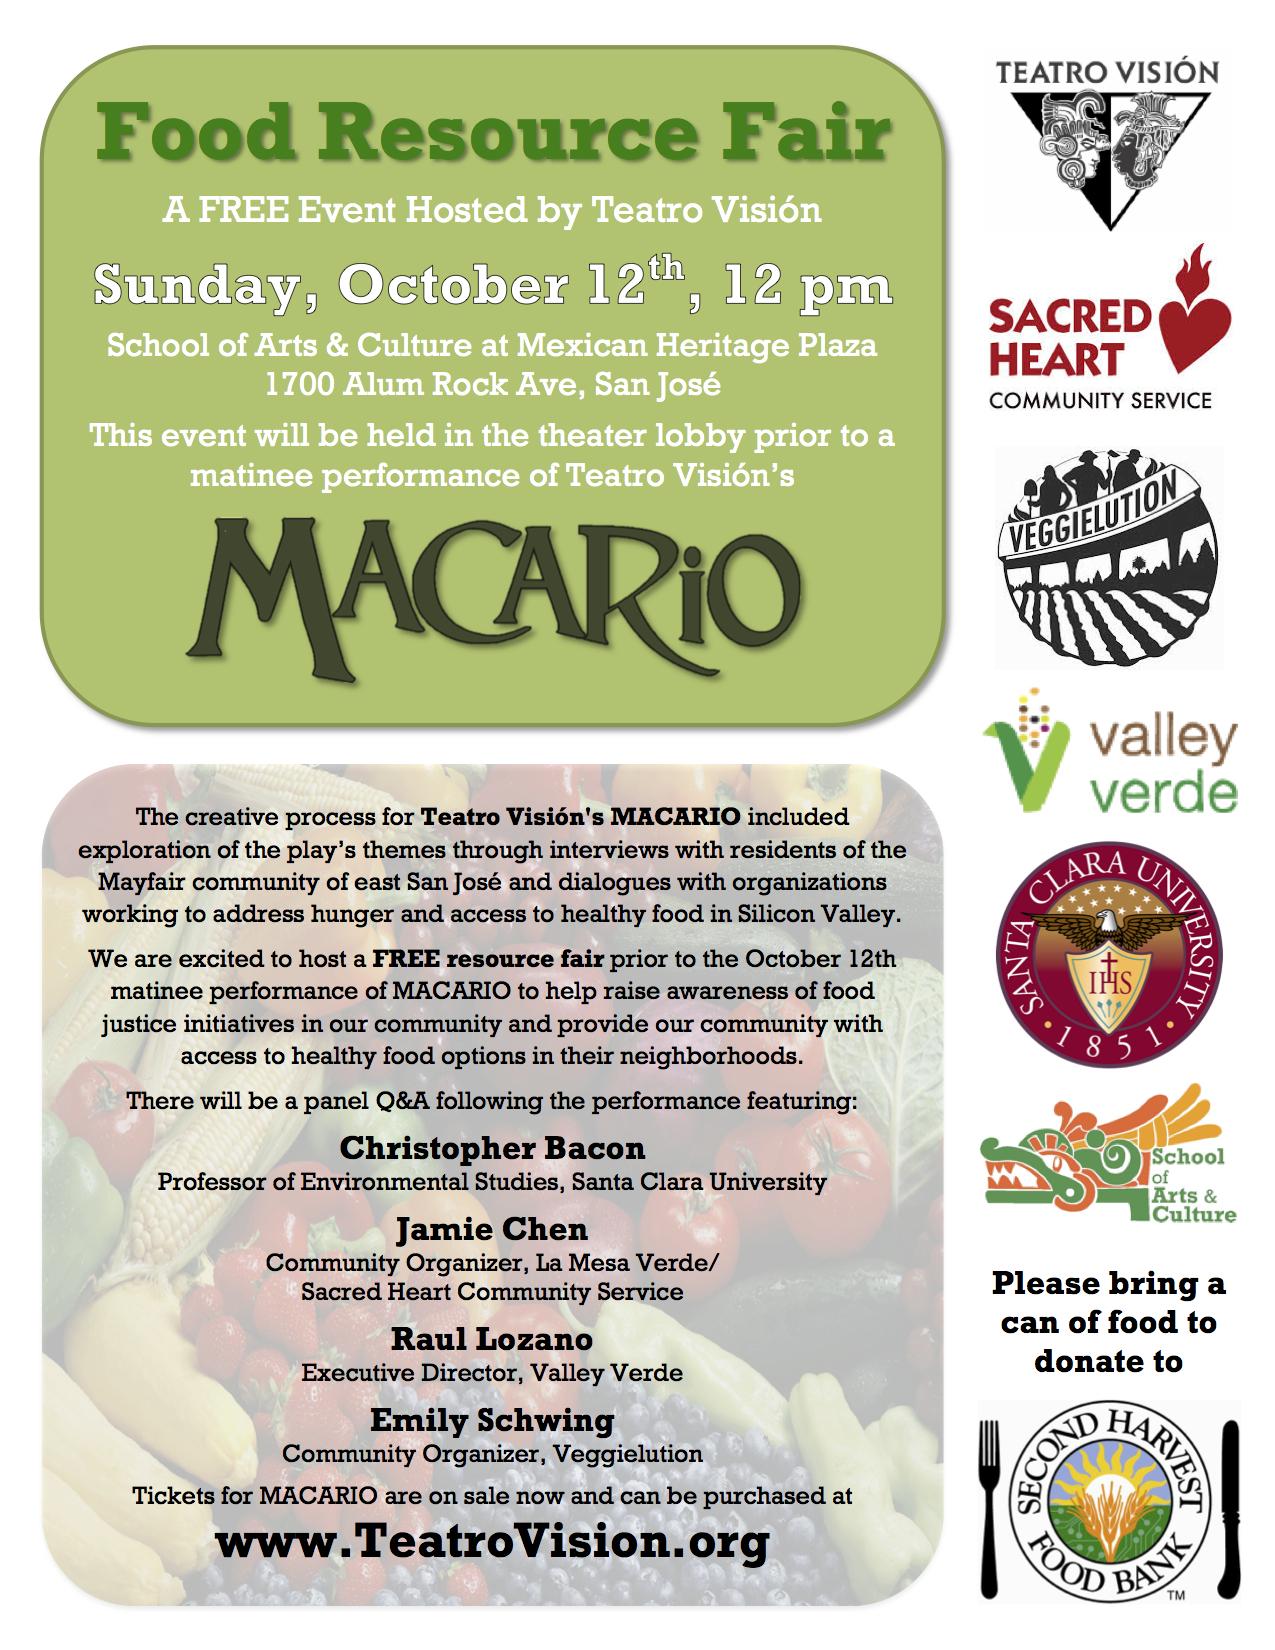 MACARIO_2014_Food_Justice_flyer.jpg